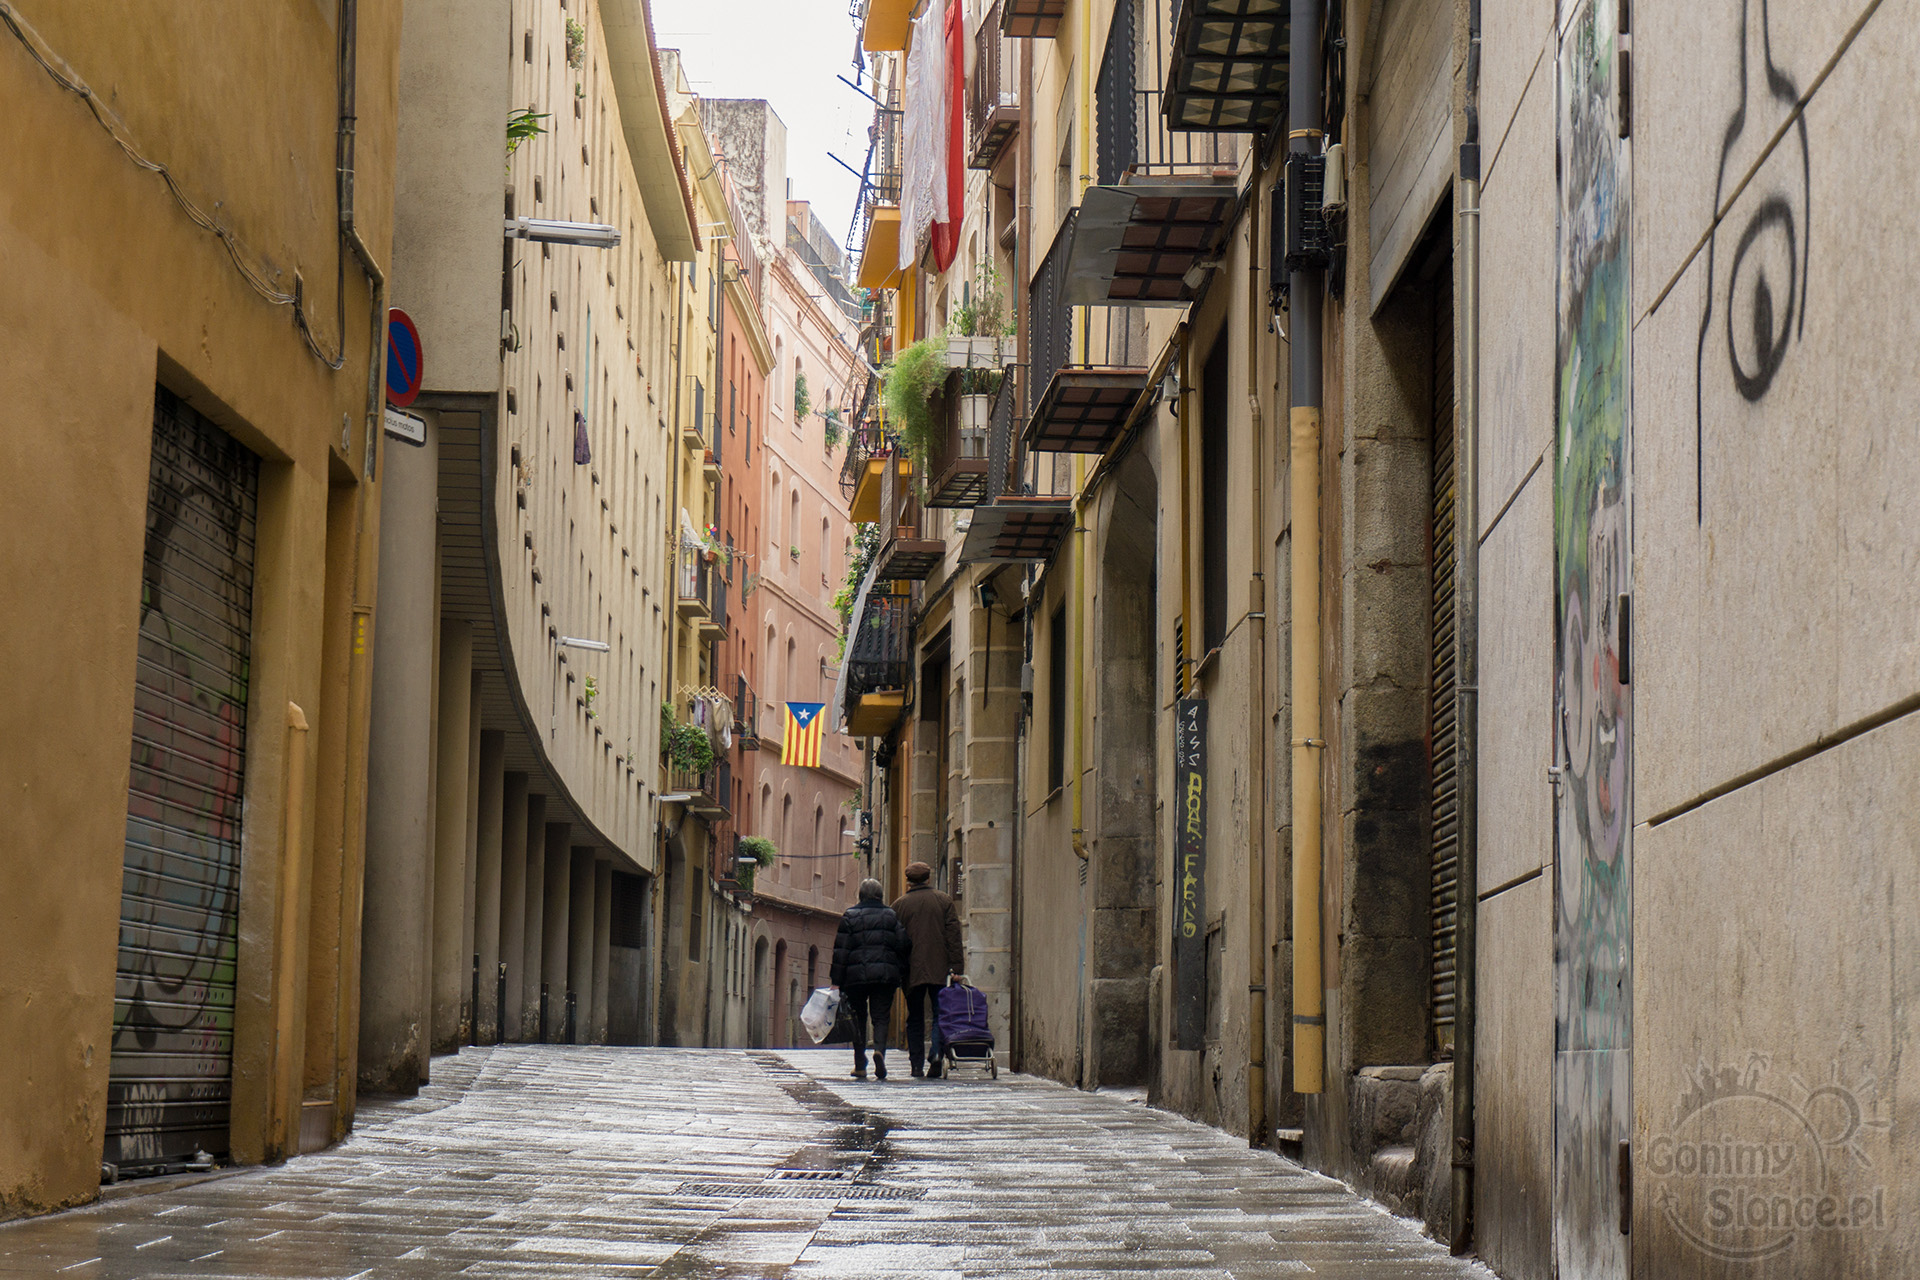 Urocze uliczki Barcelony